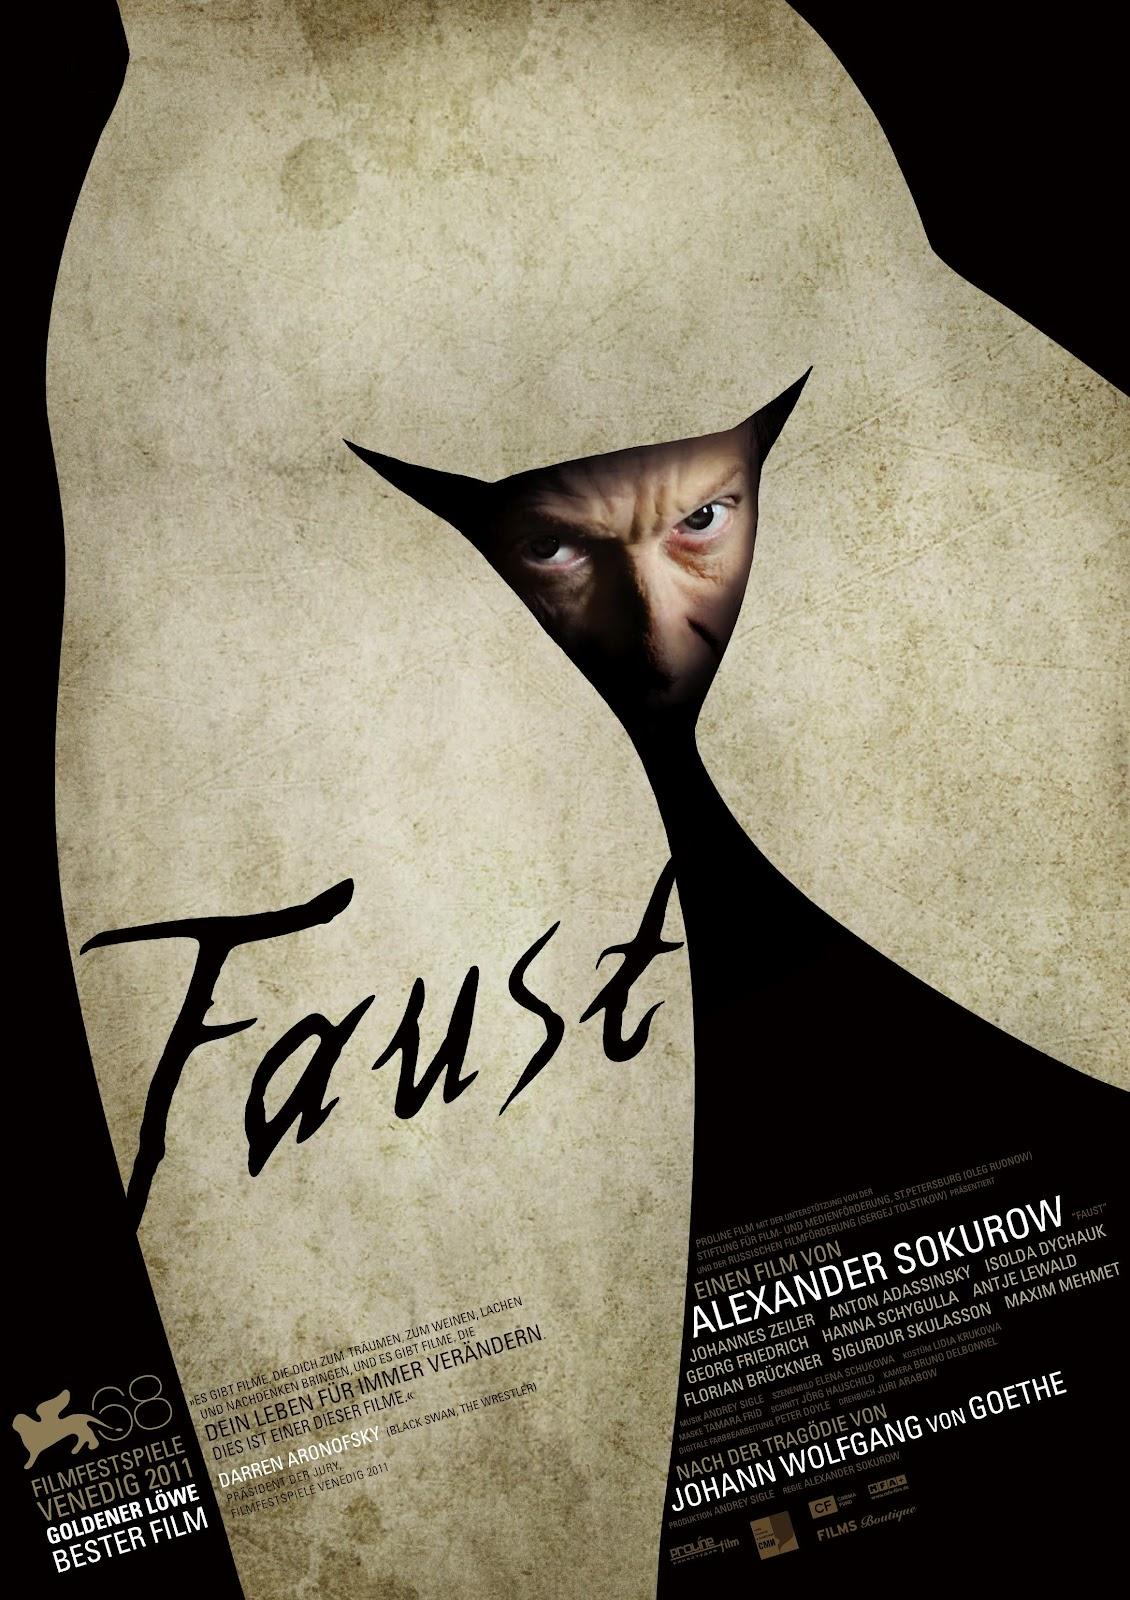 Faust des Kriegerfilms